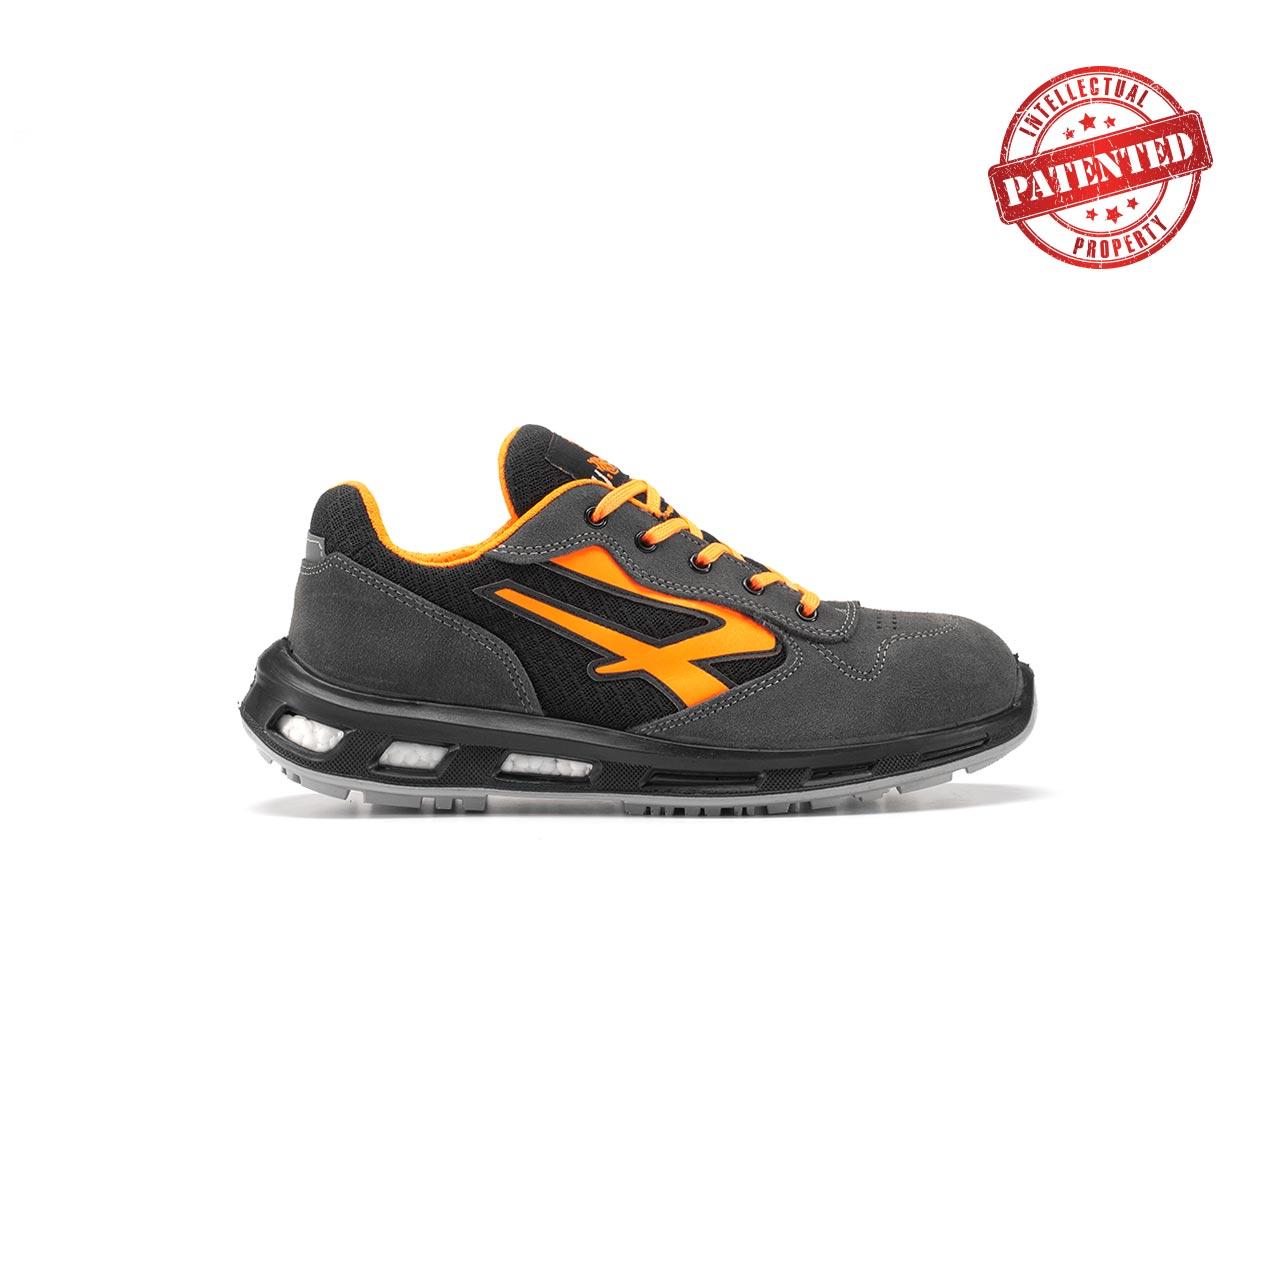 calzatura da lavoro upower modello orange linea redlion vista lato destro